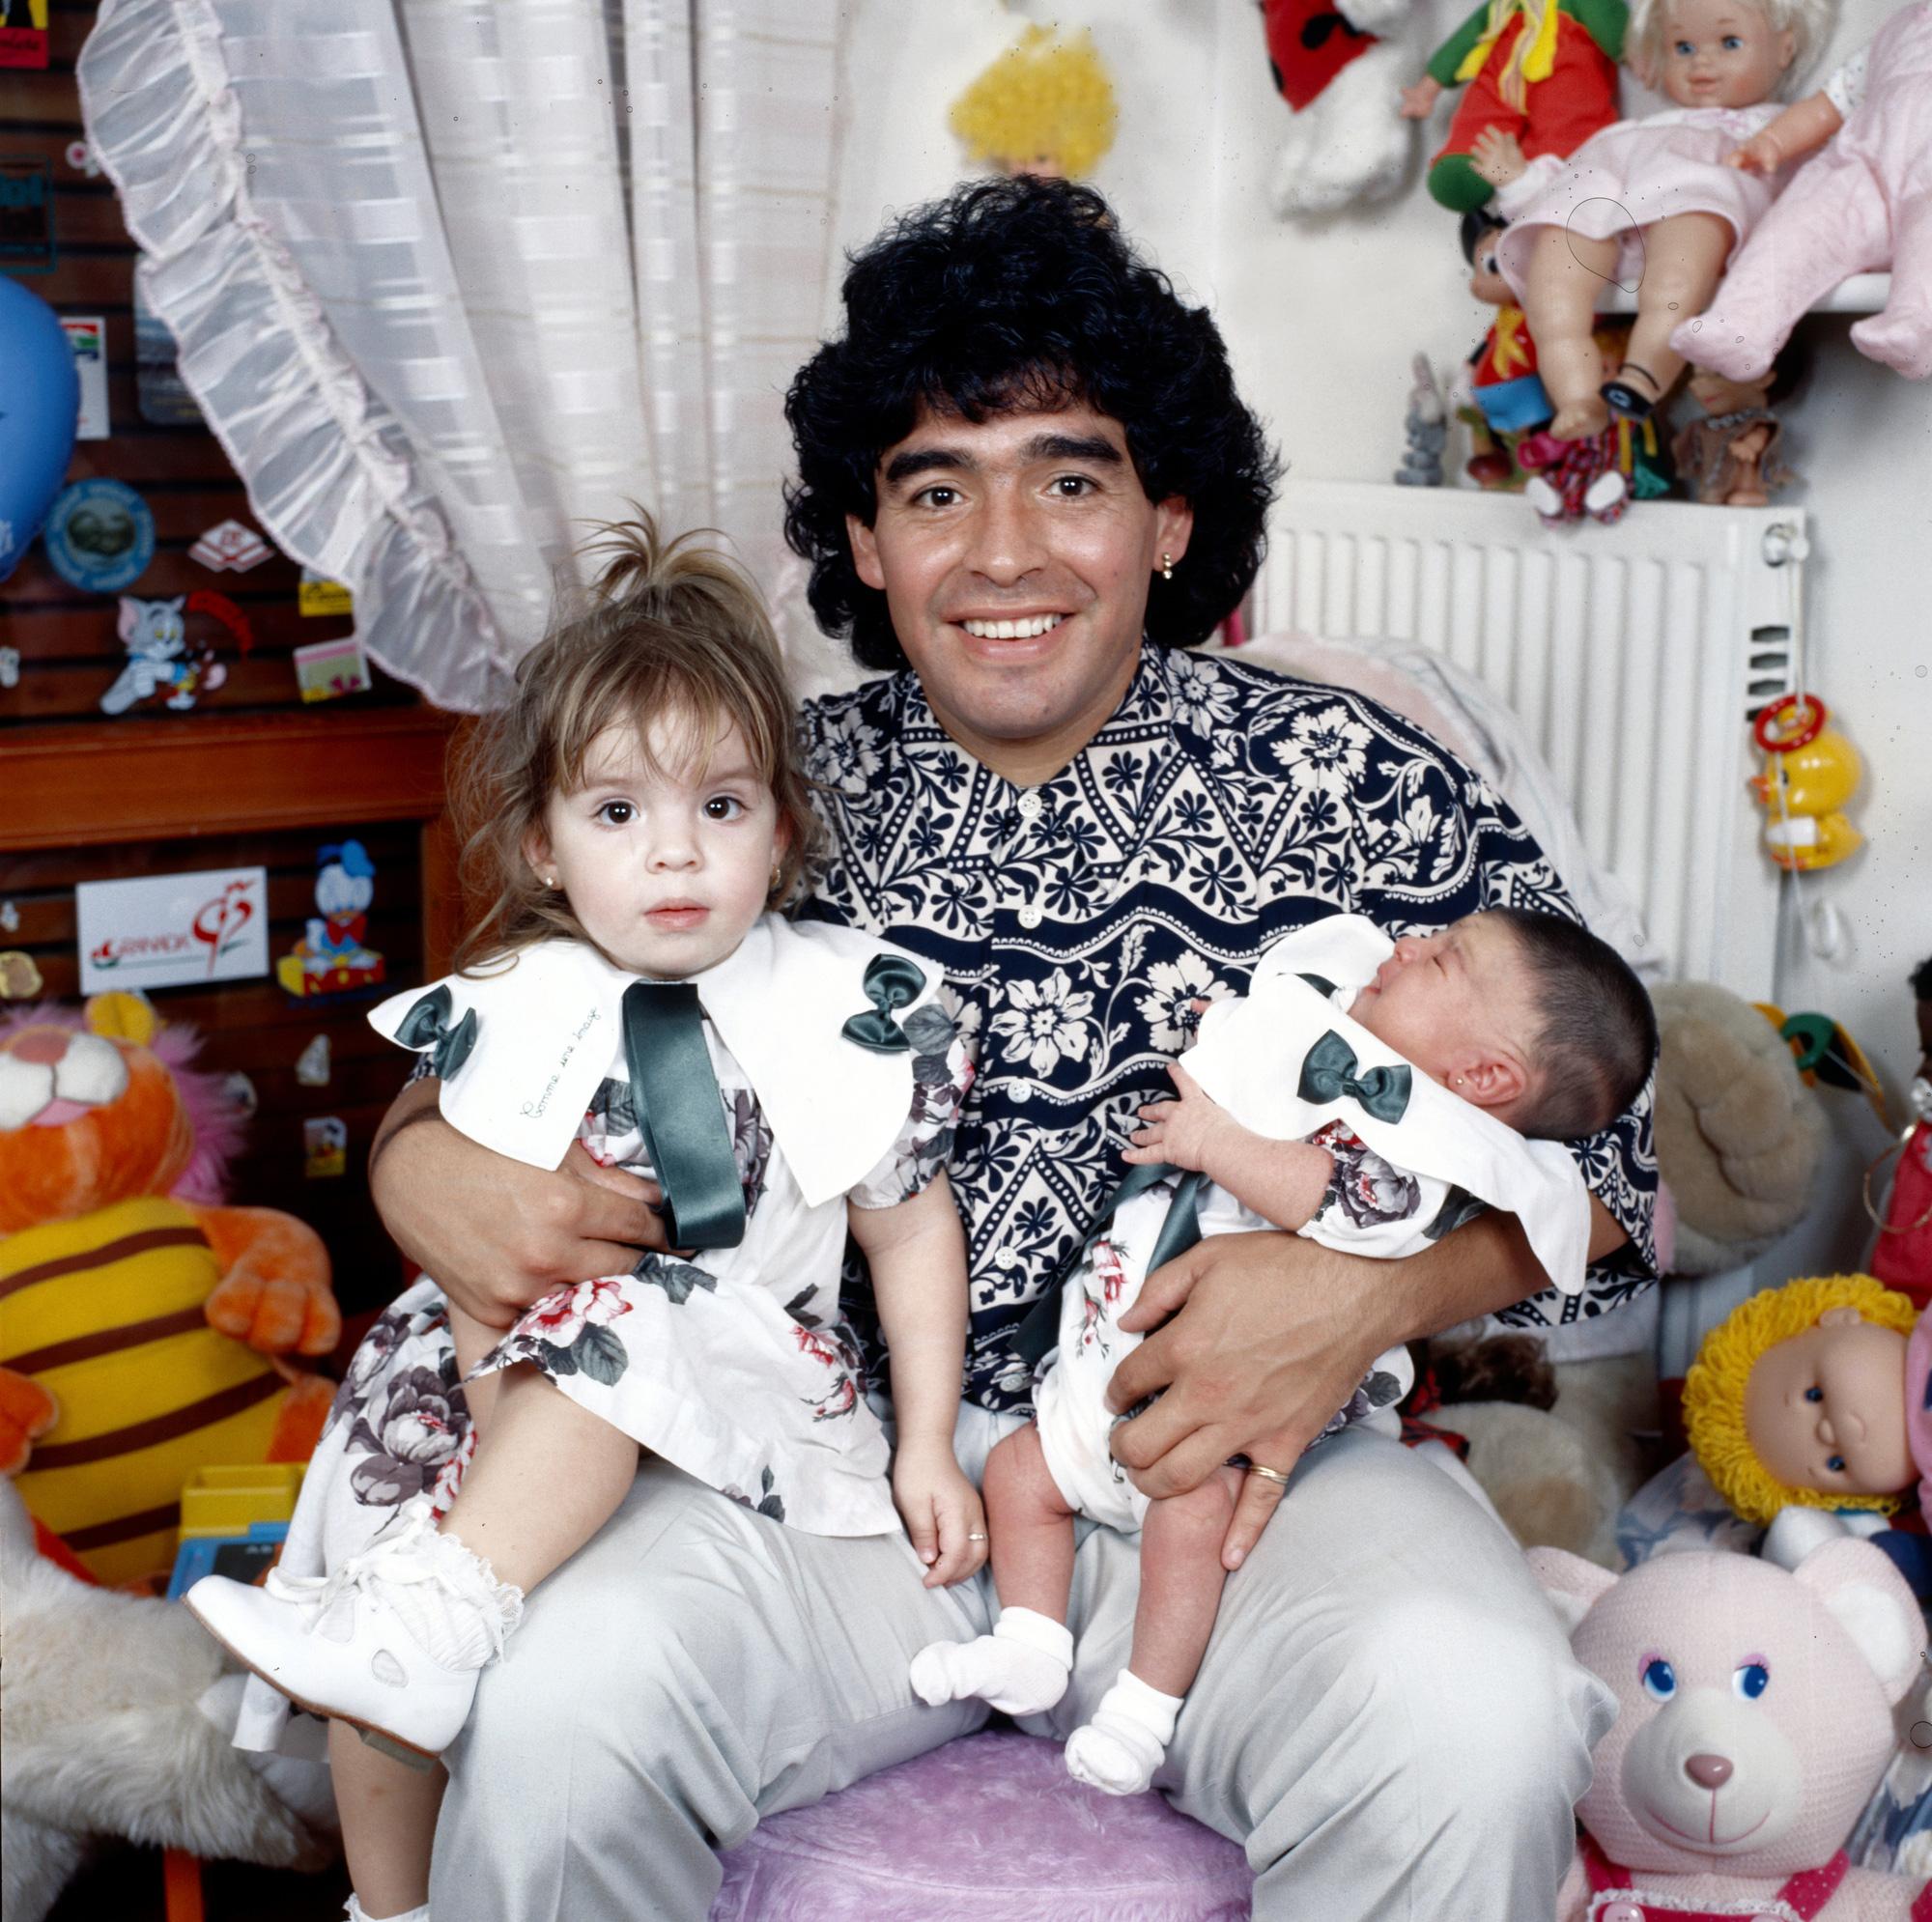 Cuộc đời Maradona qua ảnh: Đầy vinh quang nhưng cũng lắm tranh cãi - Ảnh 13.